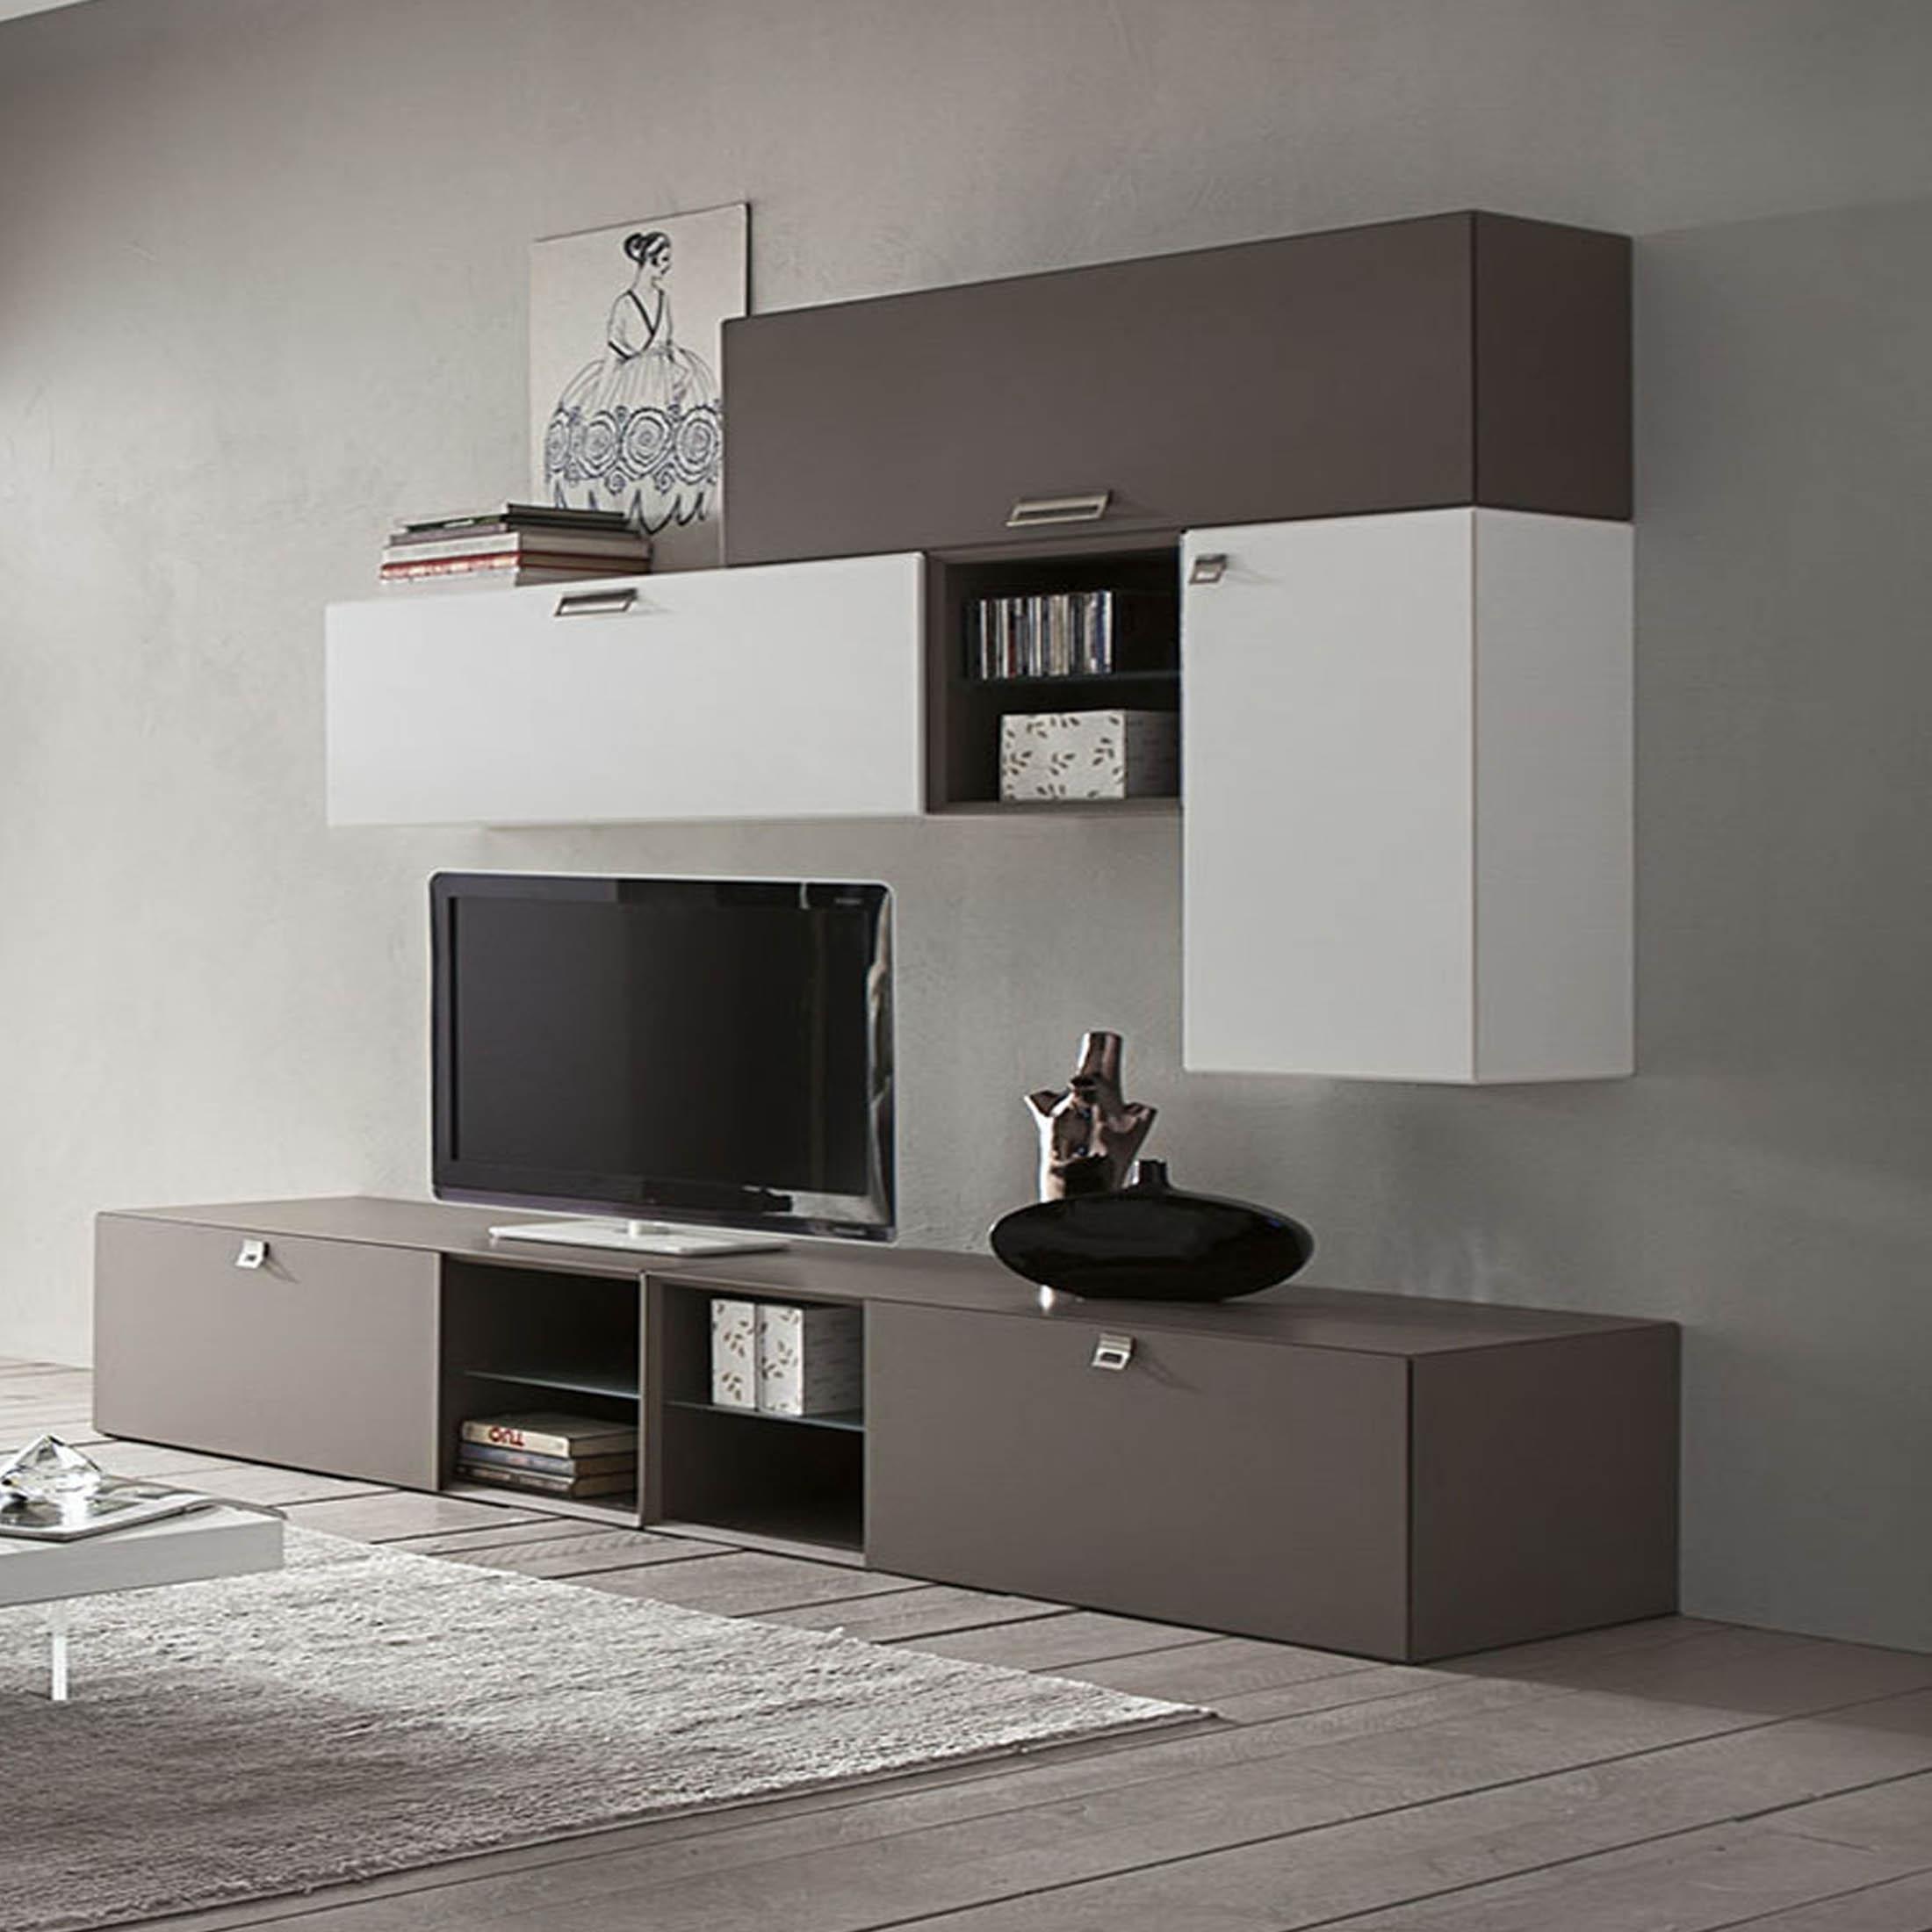 Lego Bookcase La Primavera Composition 610 At My Italian Living Ltd Within Bookcase Tv Unit (#8 of 15)